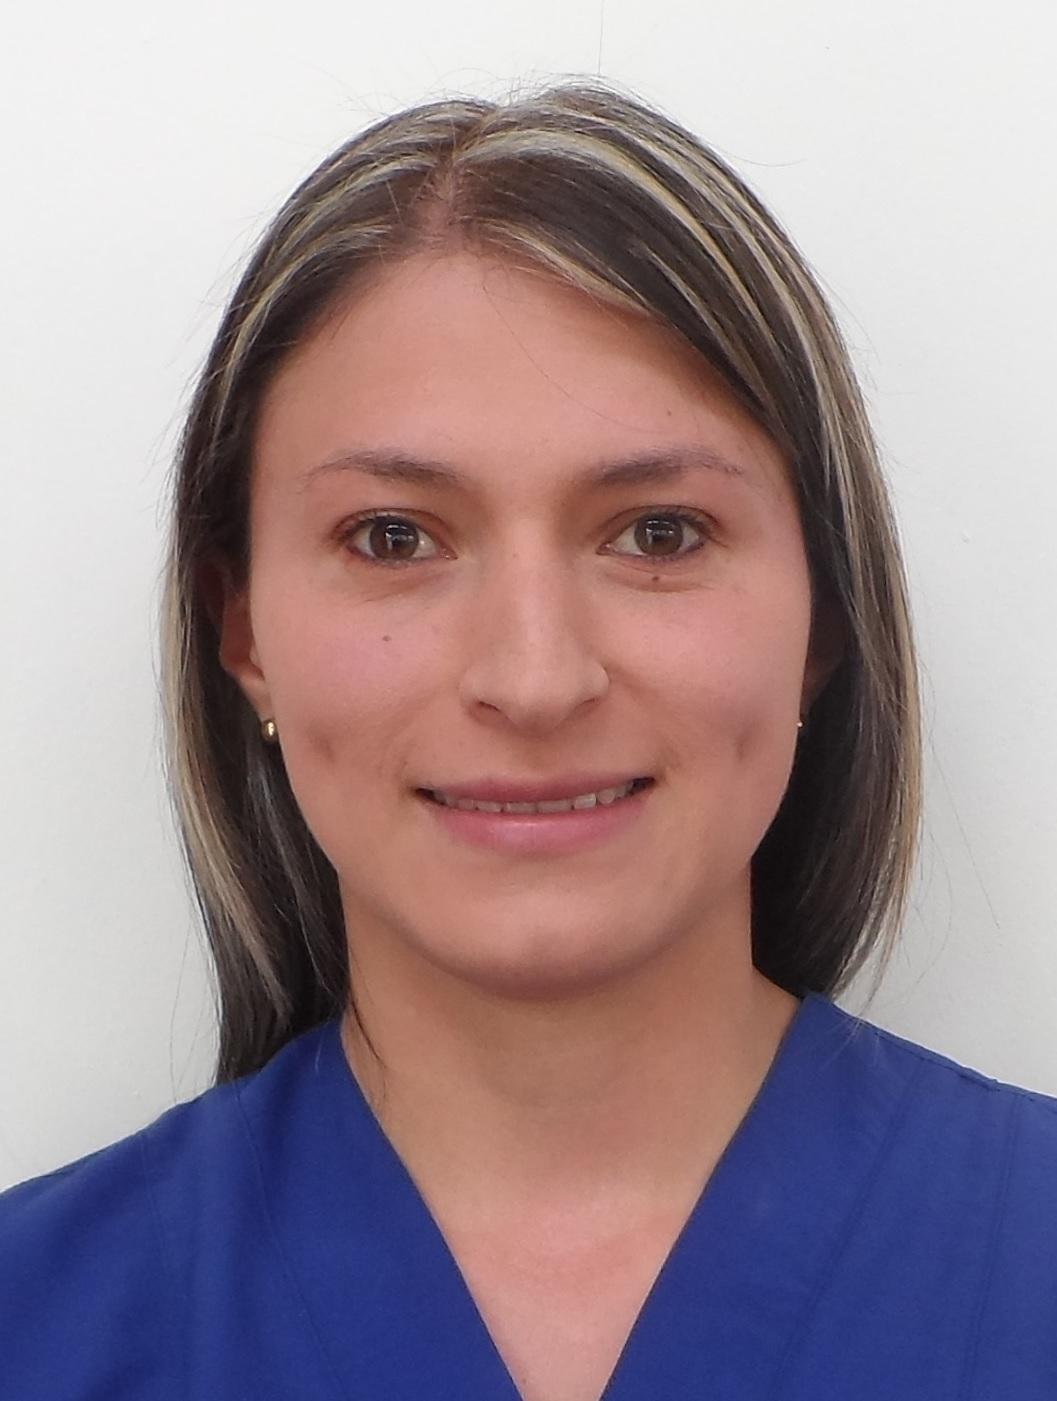 Jenny Alexandra SánchezCastillo